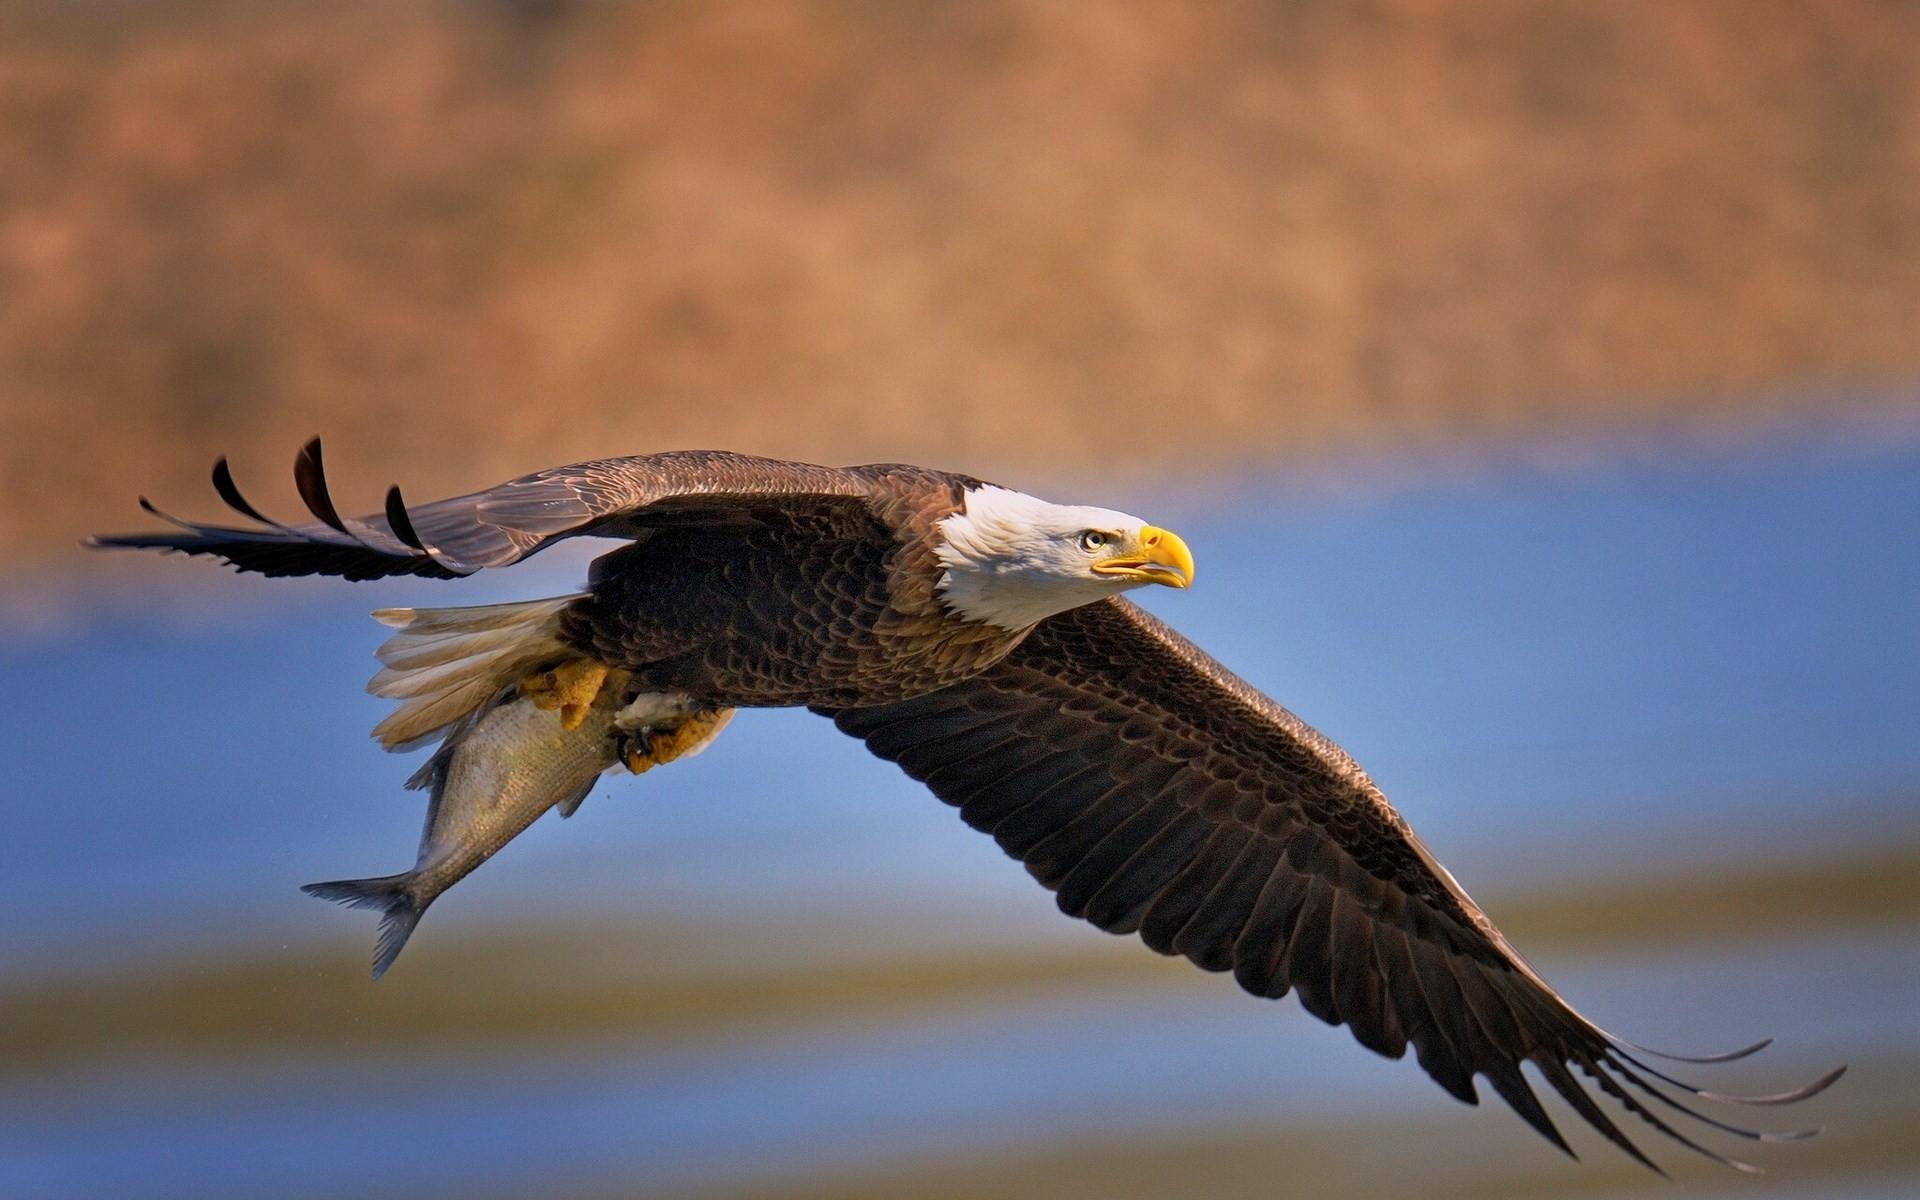 free desktop wallpaper downloads bald eagle – bald eagle category